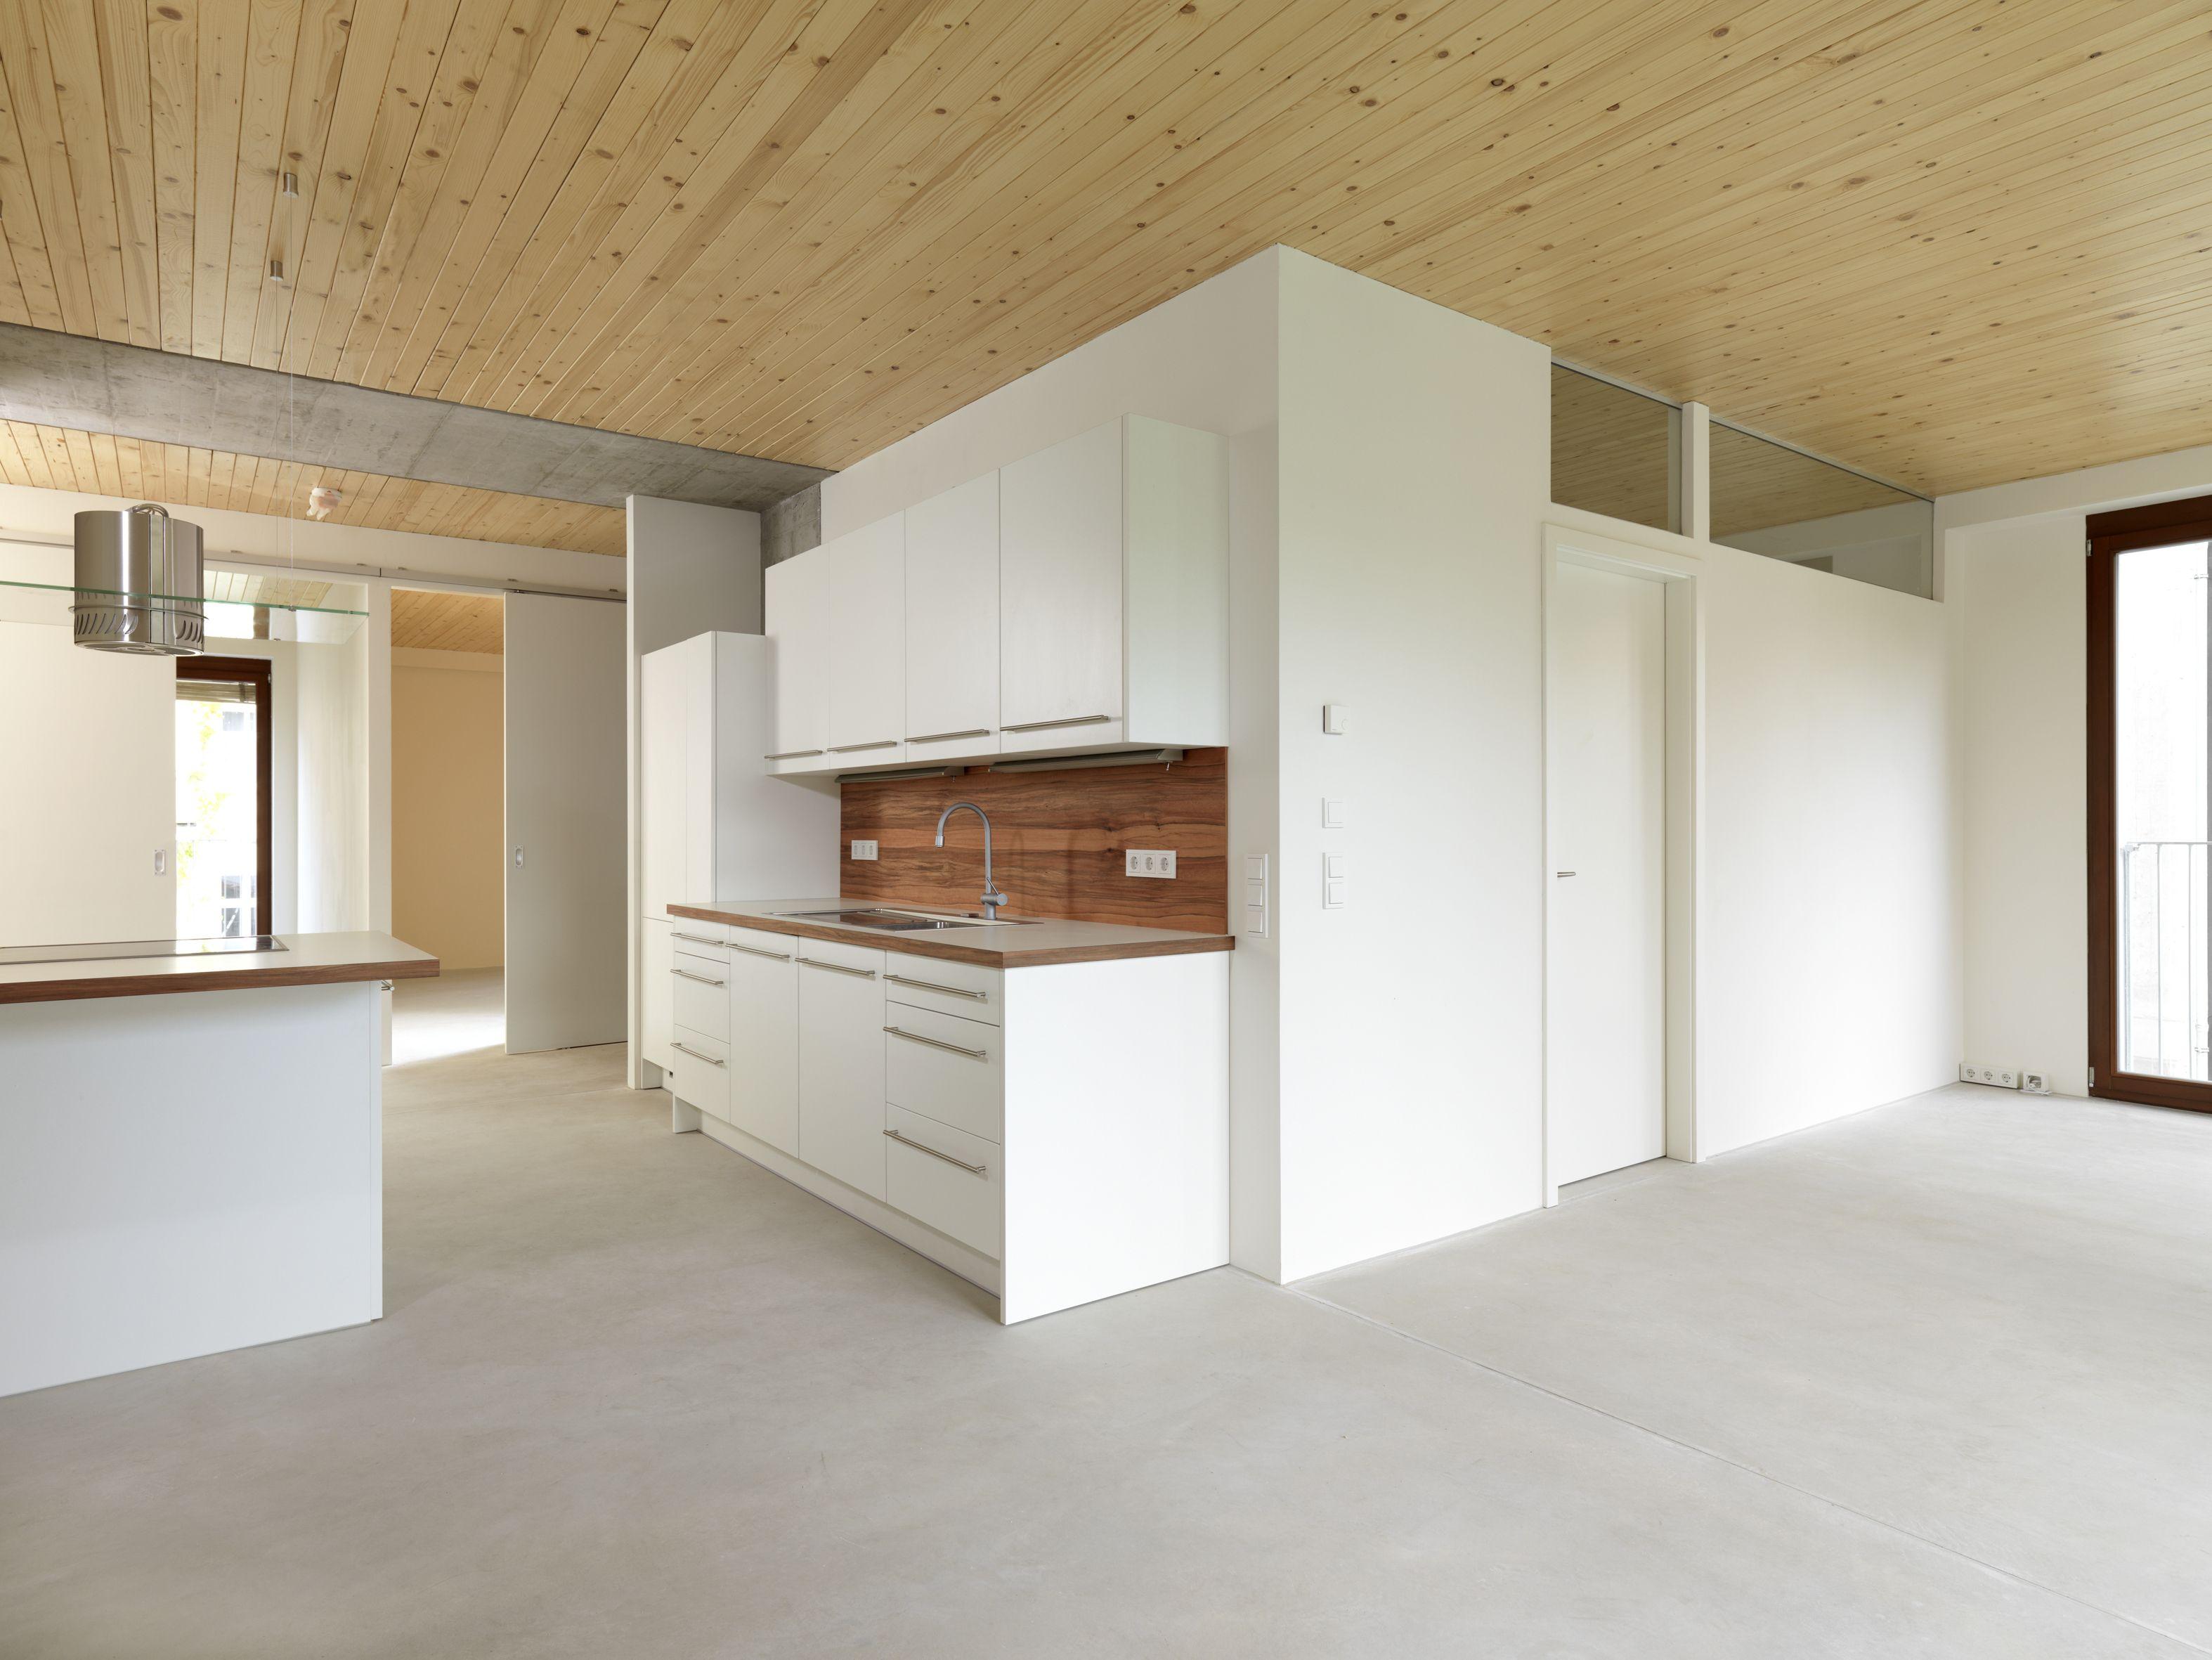 Küche Massivholz, weiß lackierte Oberflächen | Küchen | Pinterest